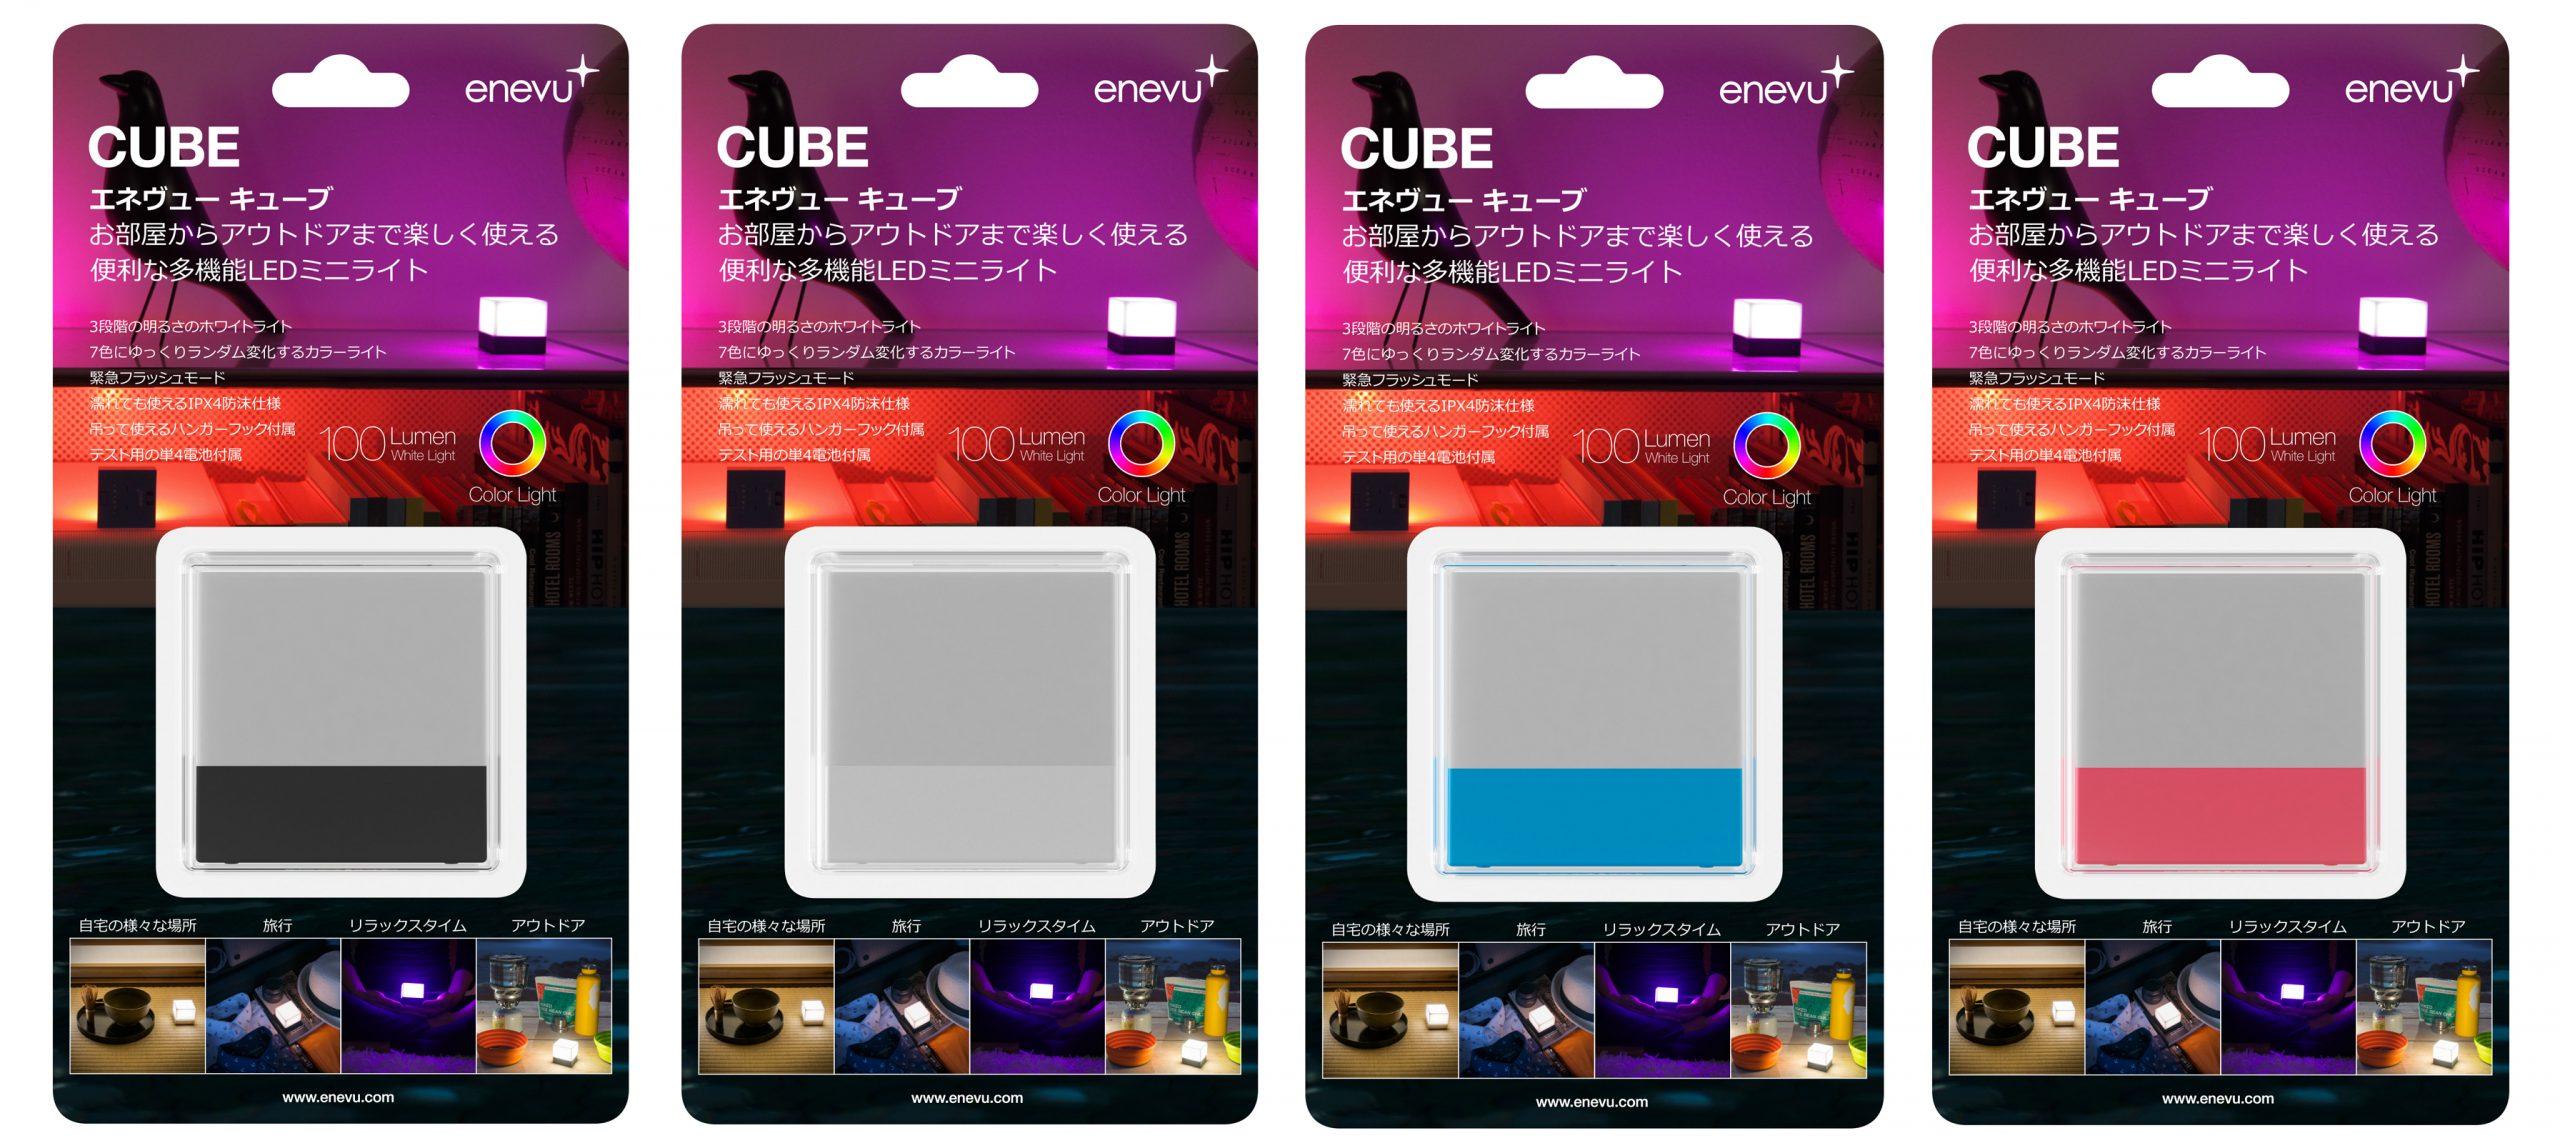 エネヴューキューブ日本語版パッケージを量販店で発売開始